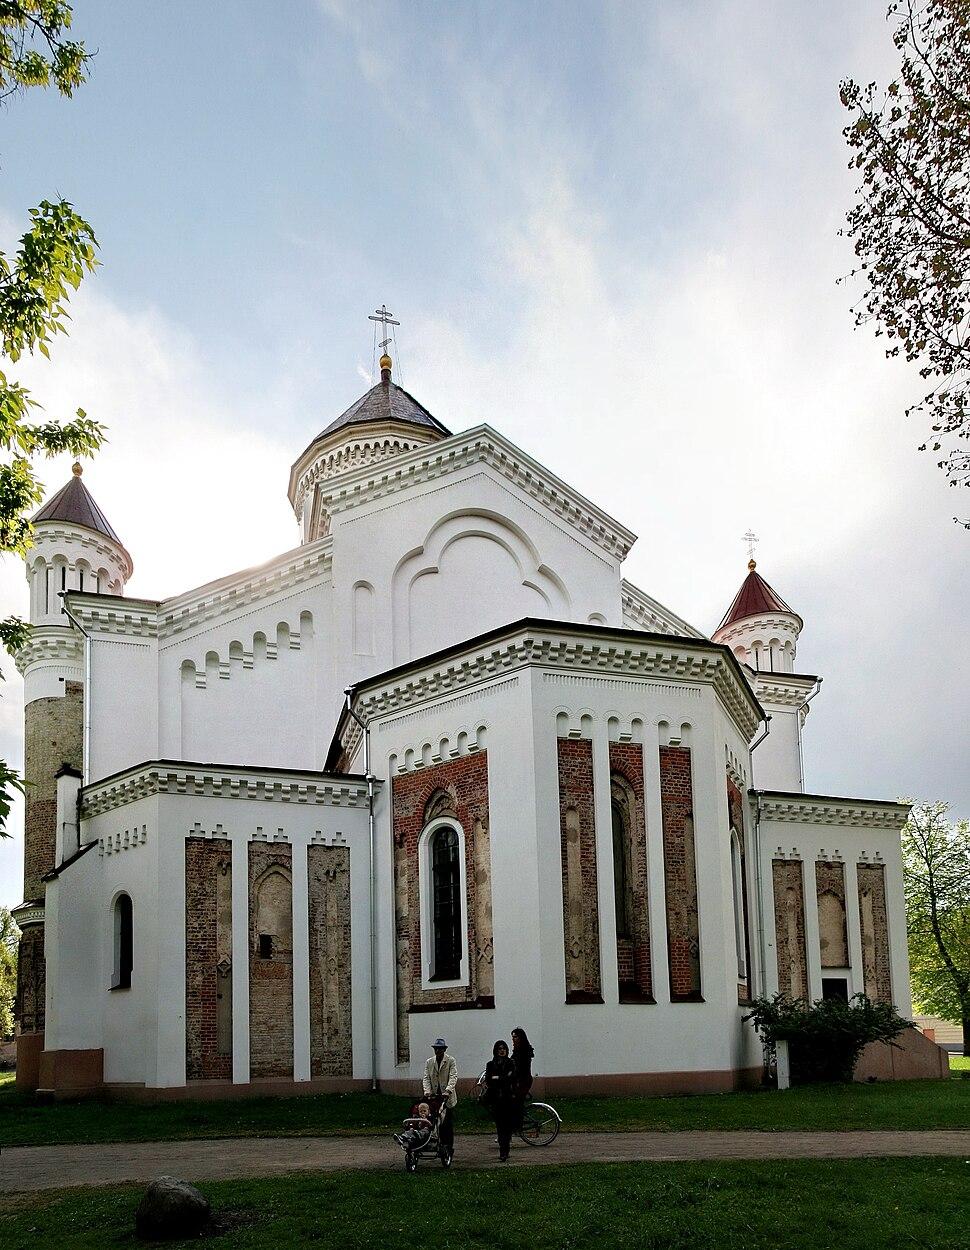 Theotokos vilnius